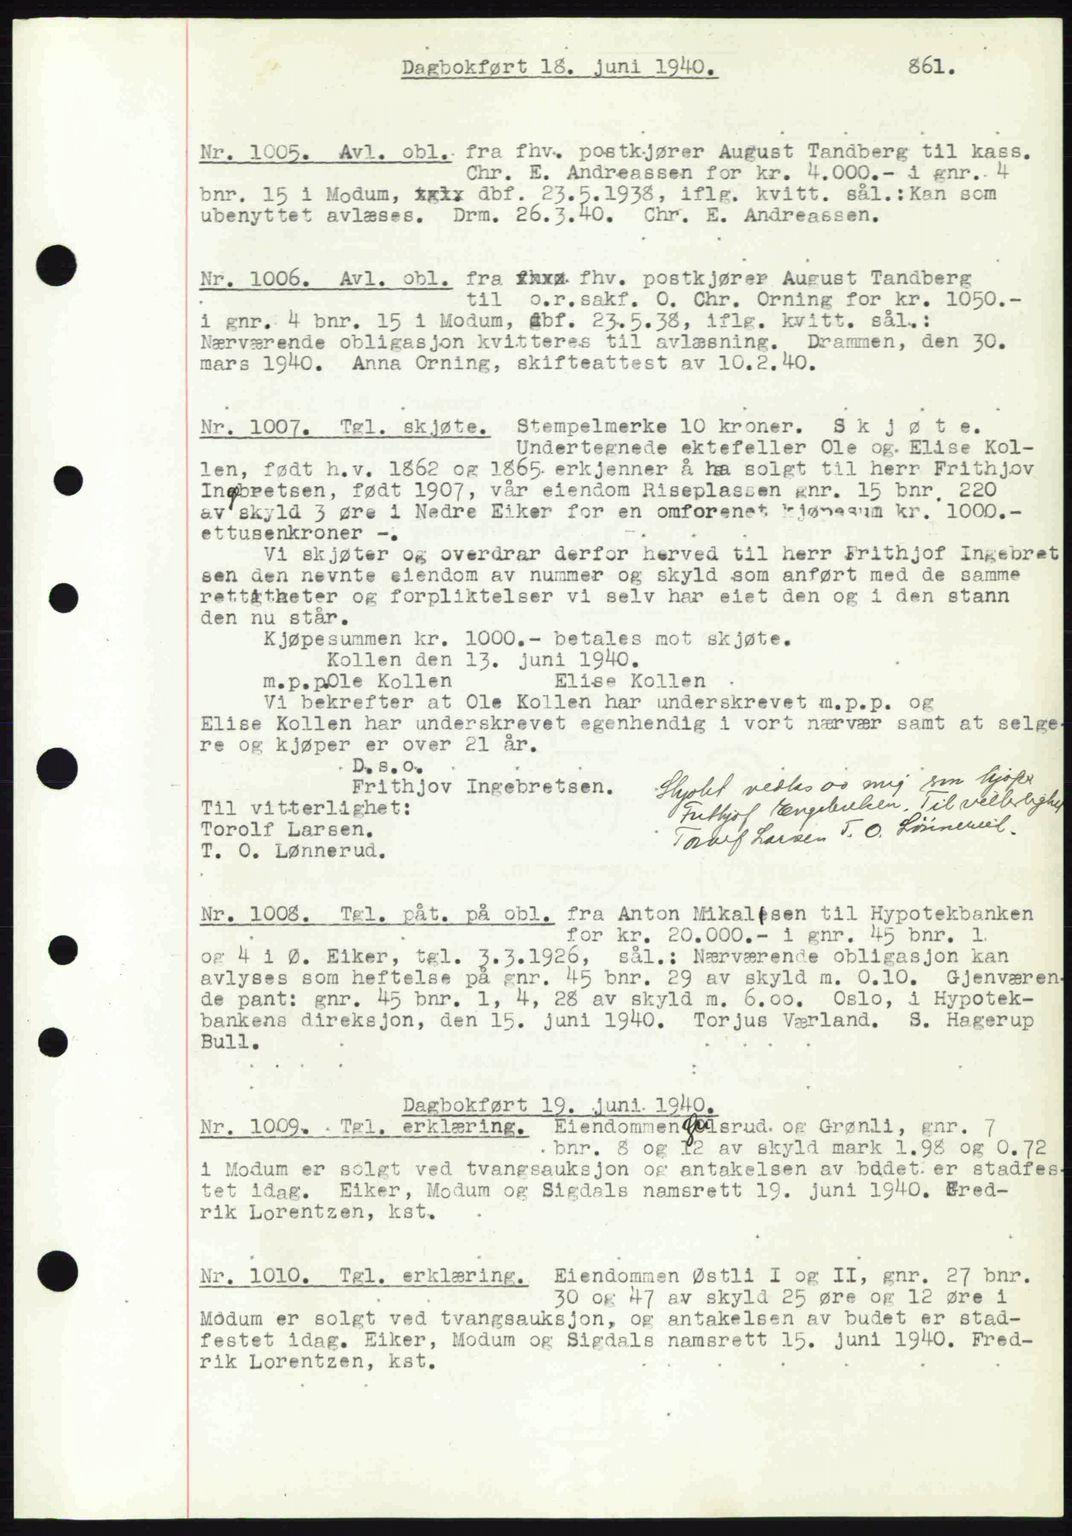 SAKO, Eiker, Modum og Sigdal sorenskriveri, G/Ga/Gab/L0041: Pantebok nr. A11, 1939-1940, Dagboknr: 1005/1940